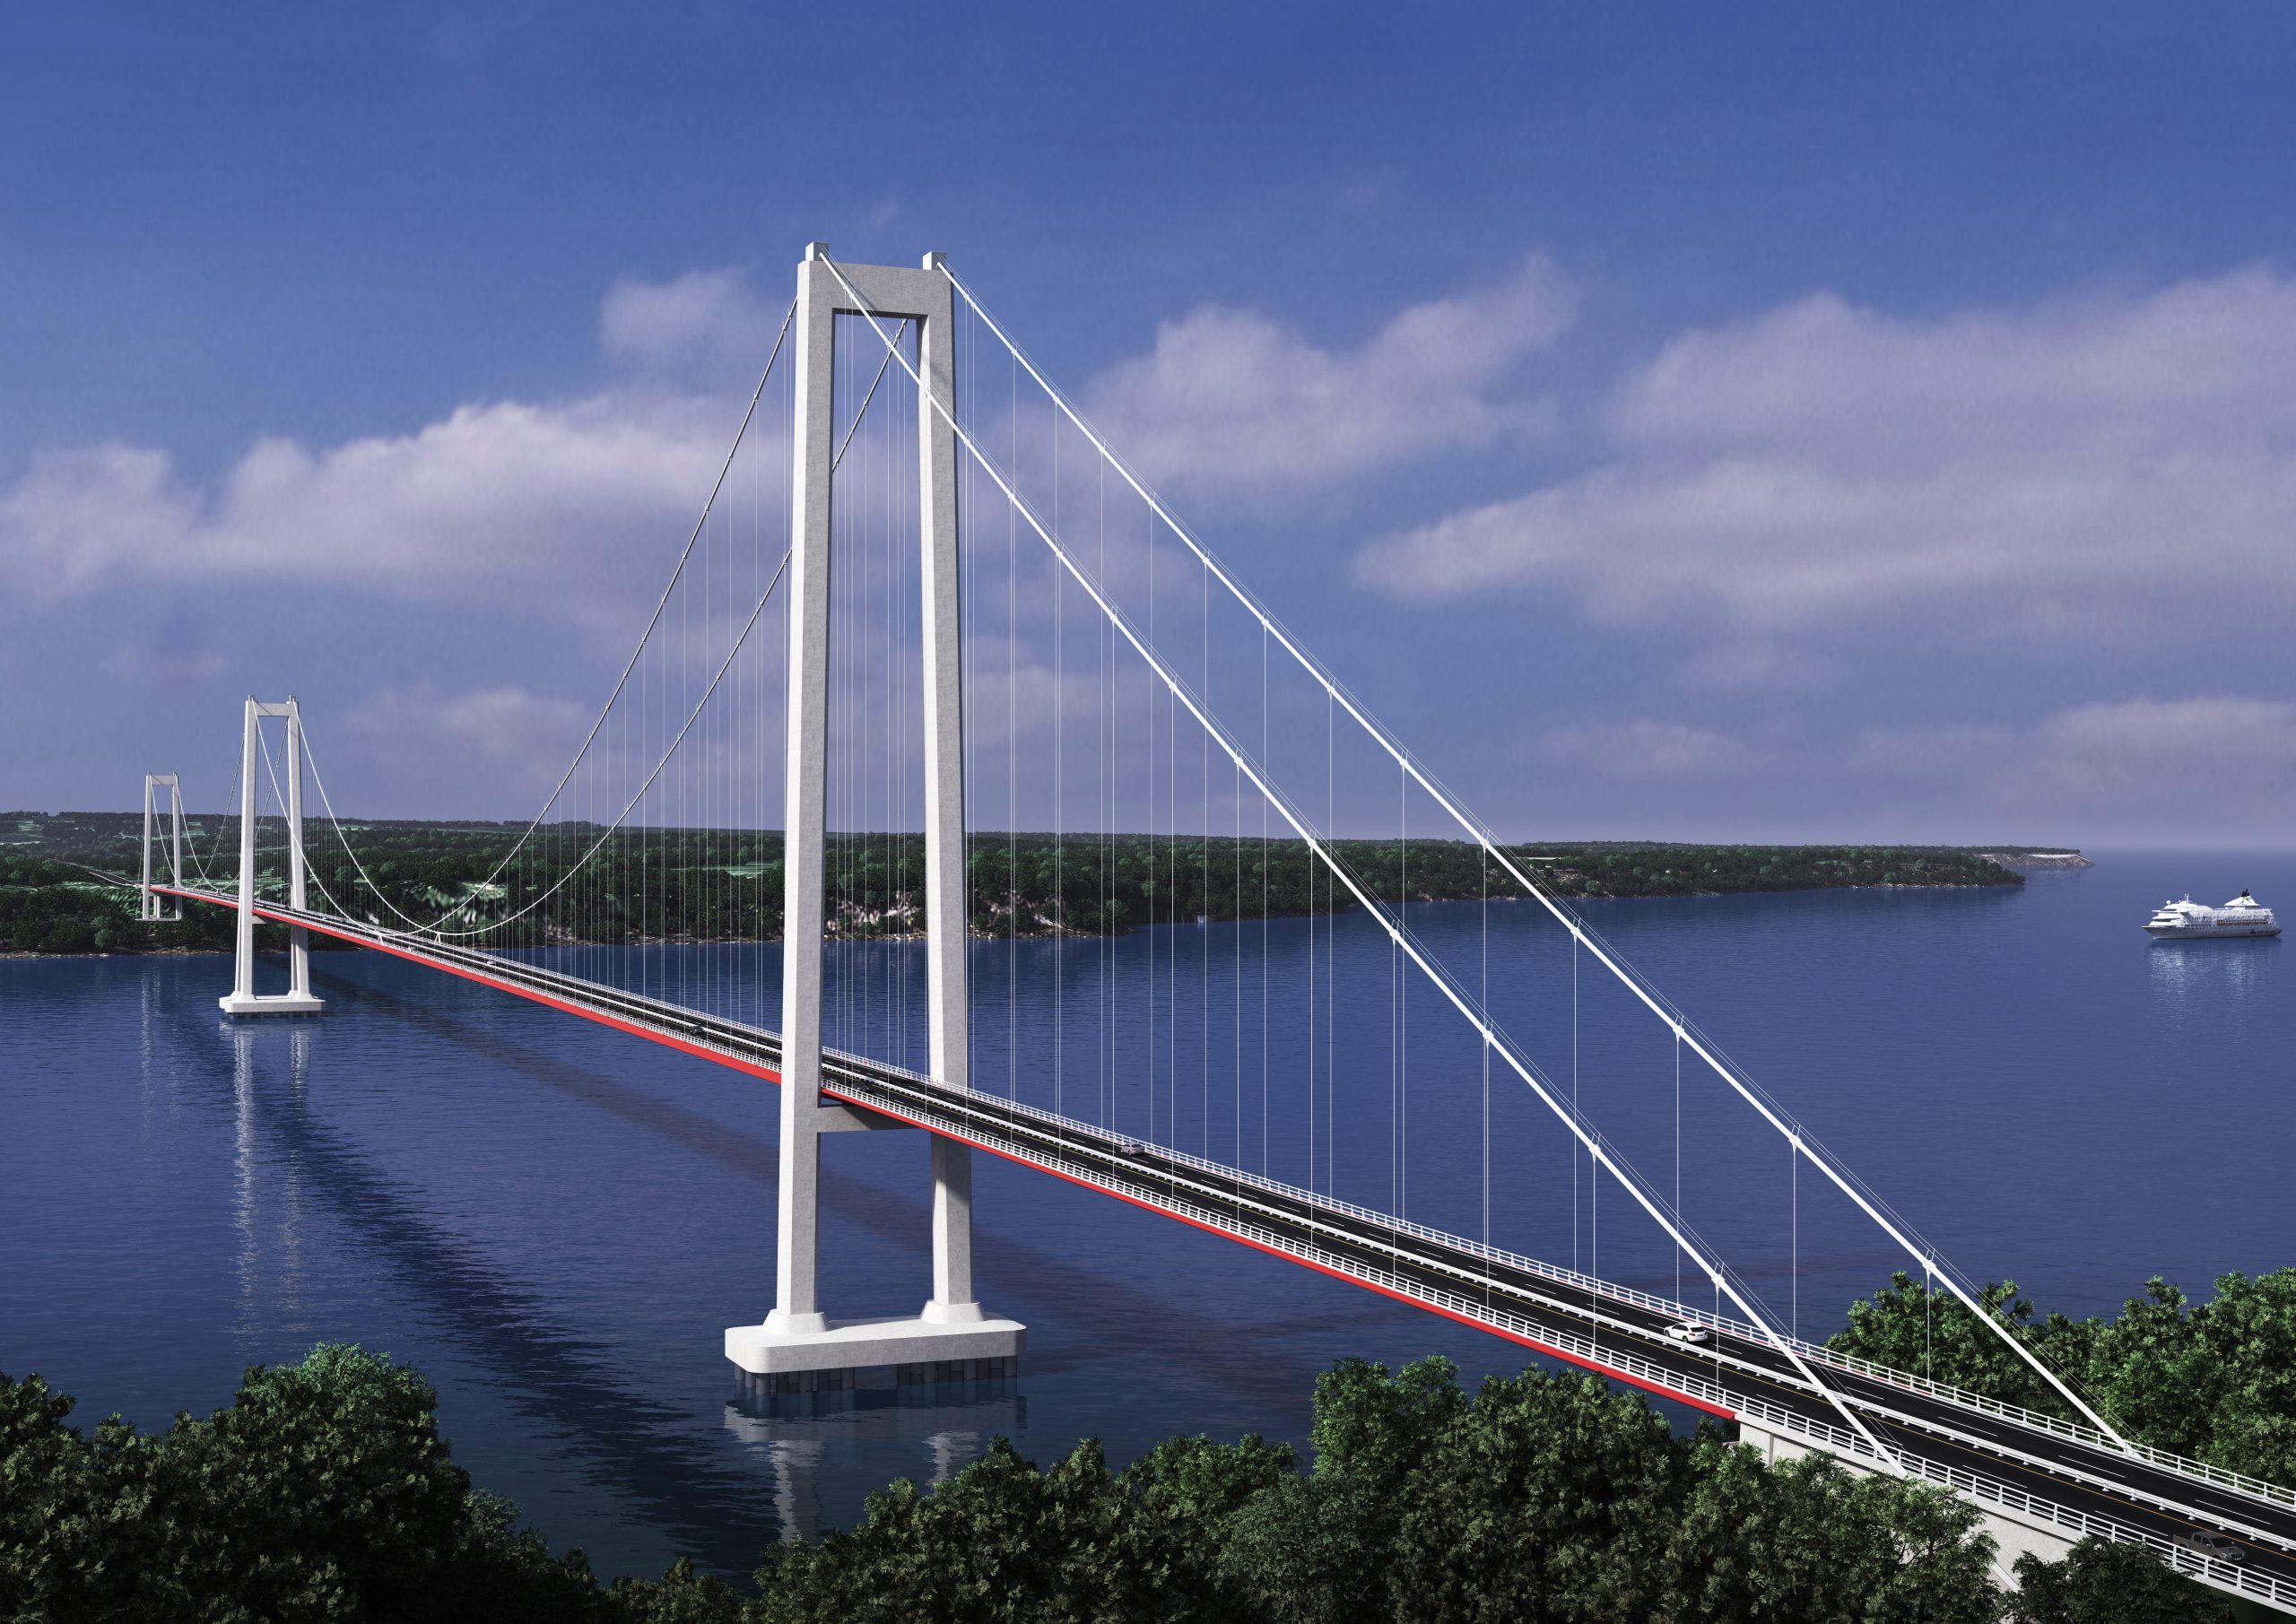 Con una longitud total de 2.750 m, el puente Chacao unirá los sectores de Punta Coronel en el Continente y Punta San Gallan en la Isla de Chiloé. Será del tipo colgante continuo en dos tramos de 1.155 y 1.055 m en los lados norte y sur, respectivamente, con cuatro pistas de circulación de 3.5 m cada una con berma exterior de 1.5 m, para una velocidad de circulación de 80 km/h.